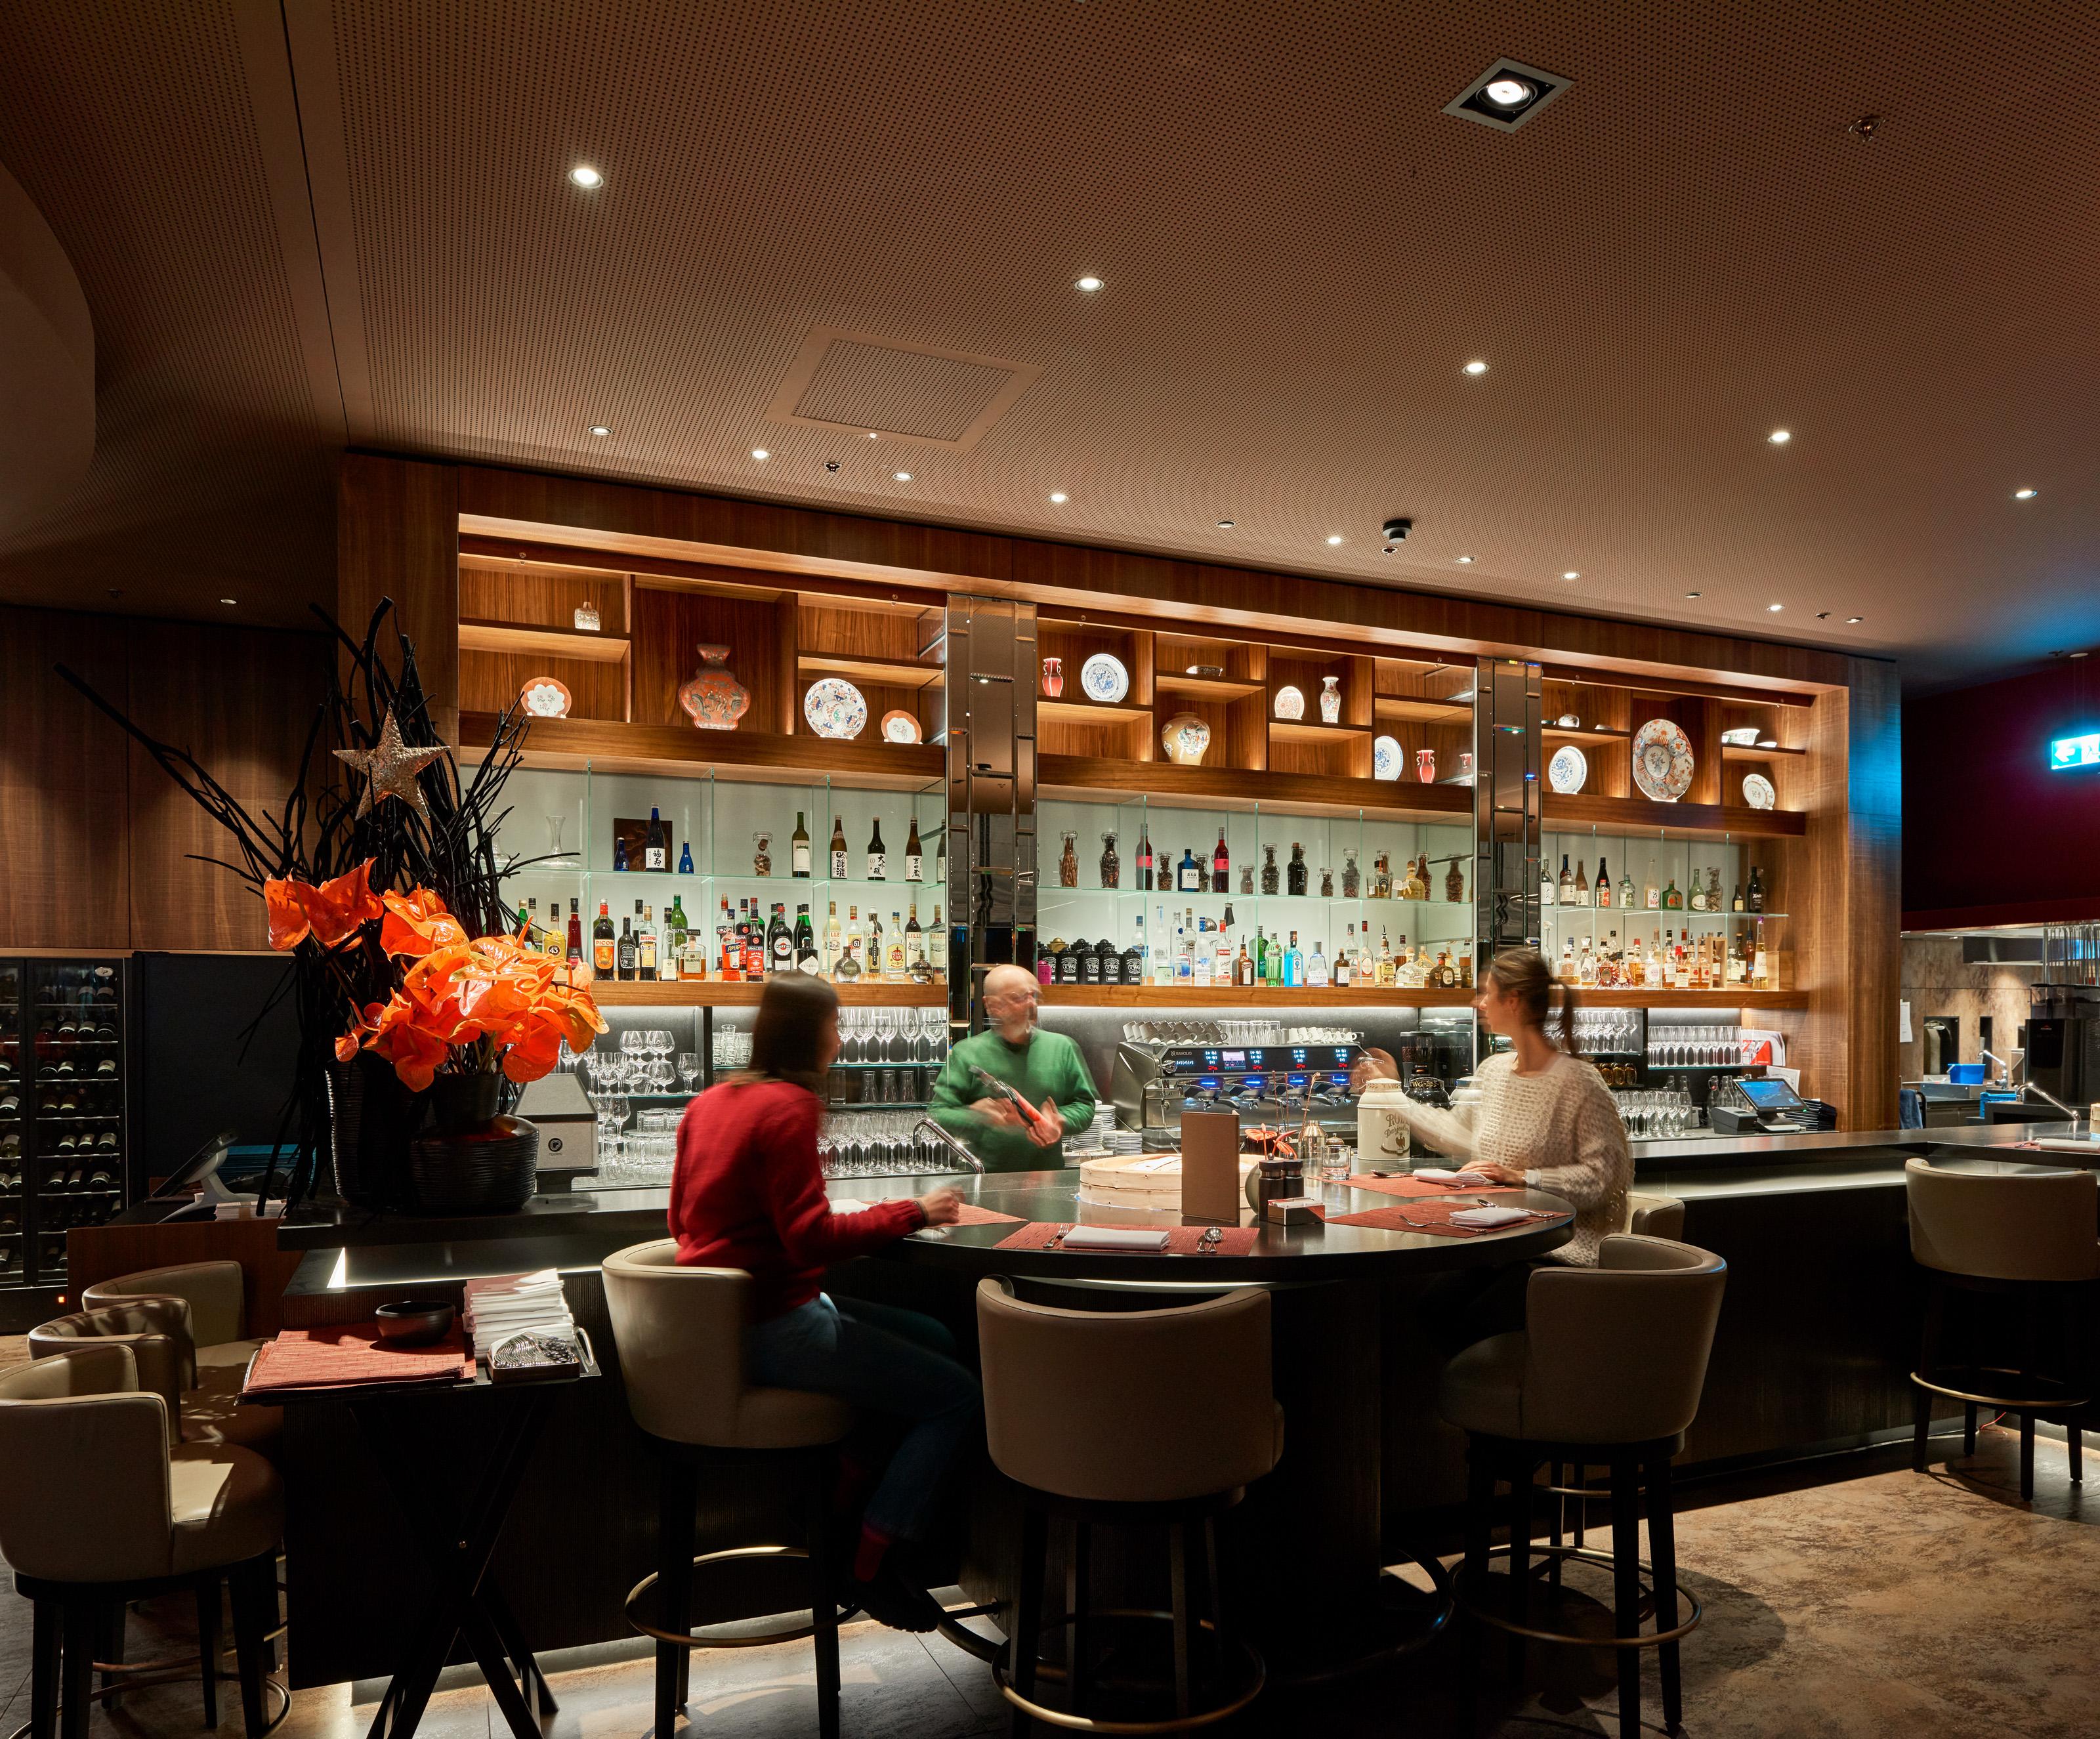 Gäste sitzen um eine runde Bar, das Lichtkonzept schafft ein nächtlches Abiente